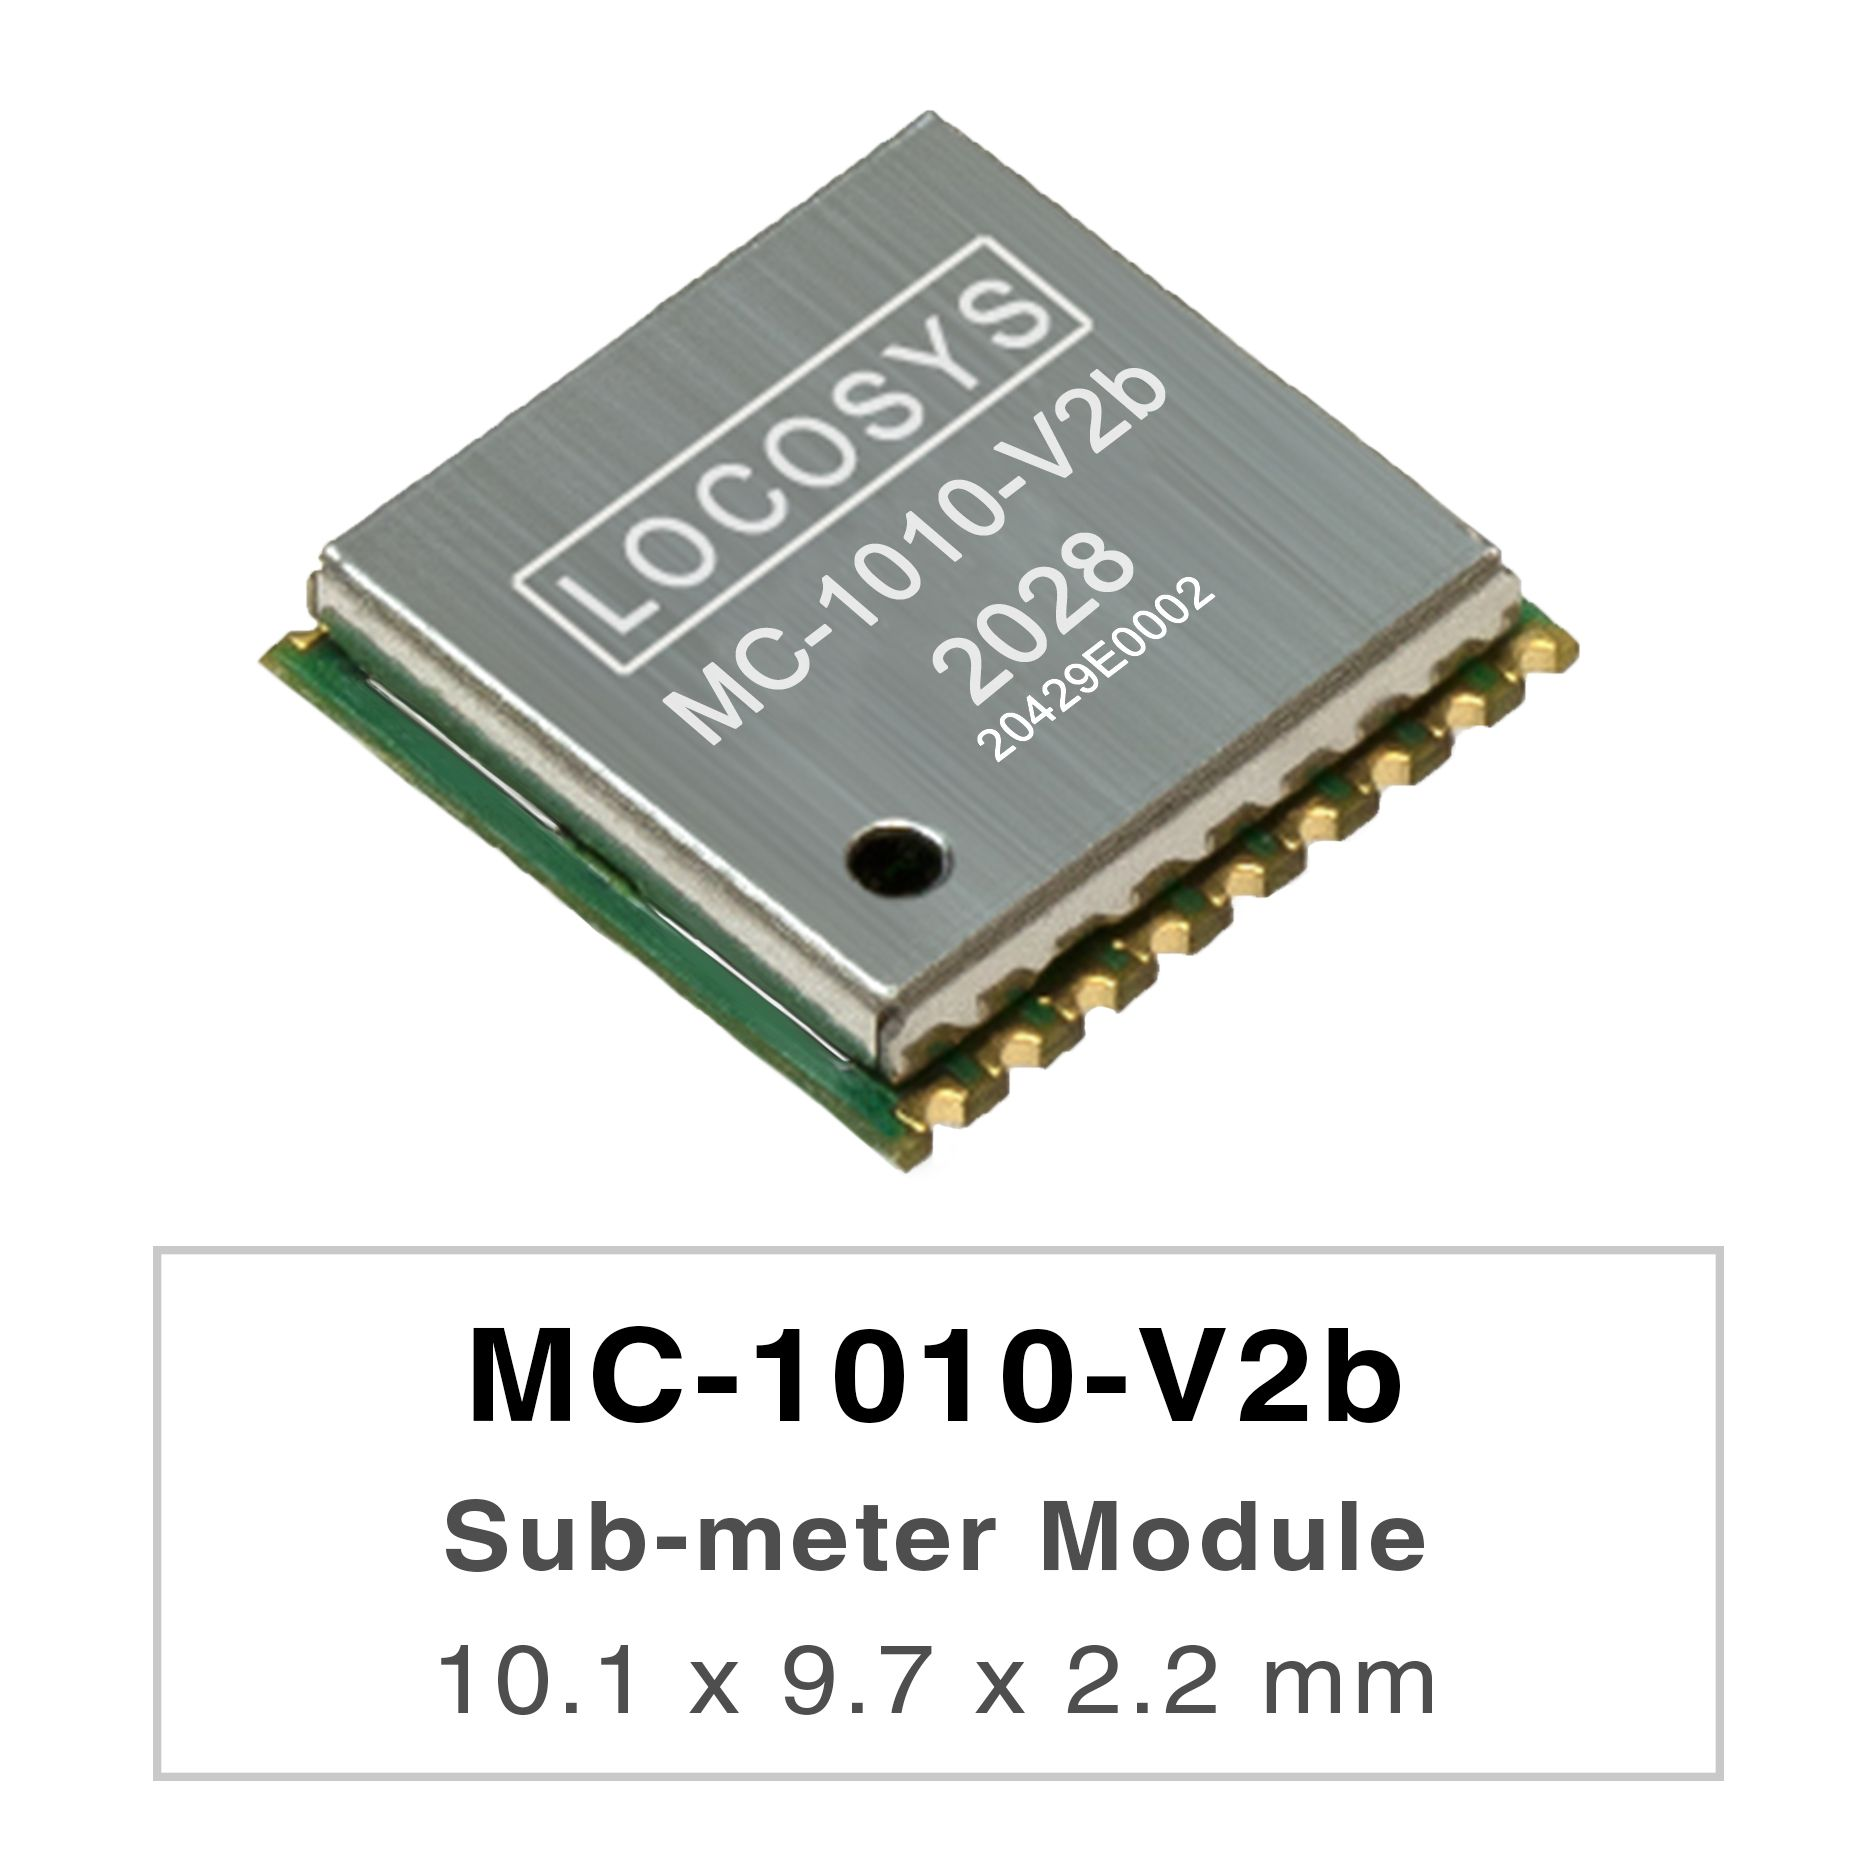 LOCOSYS MC-1010-Vxx - это высокопроизводительные двухдиапазонные модули позиционирования GNSS, которые способны отслеживать все глобальные гражданские навигационные системы. Они используют техпроцесс 12 нм и интегрируют эффективную архитектуру управления питанием для обеспечения низкого энергопотребления и высокой чувствительности.